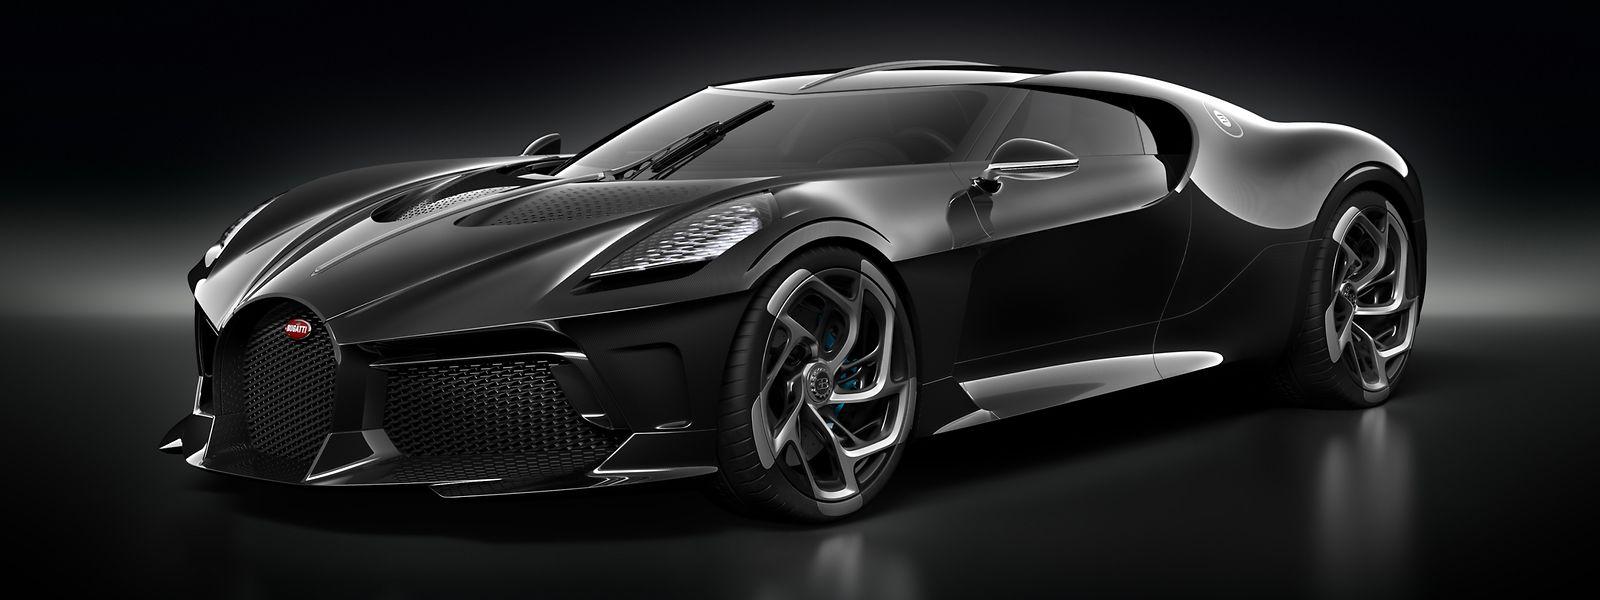 Das schwarze Auto: Der Bugatti La Voiture Noire ist ein 1500 PS starkes Einzelstück und kostet rund 16 Millionen Euro.